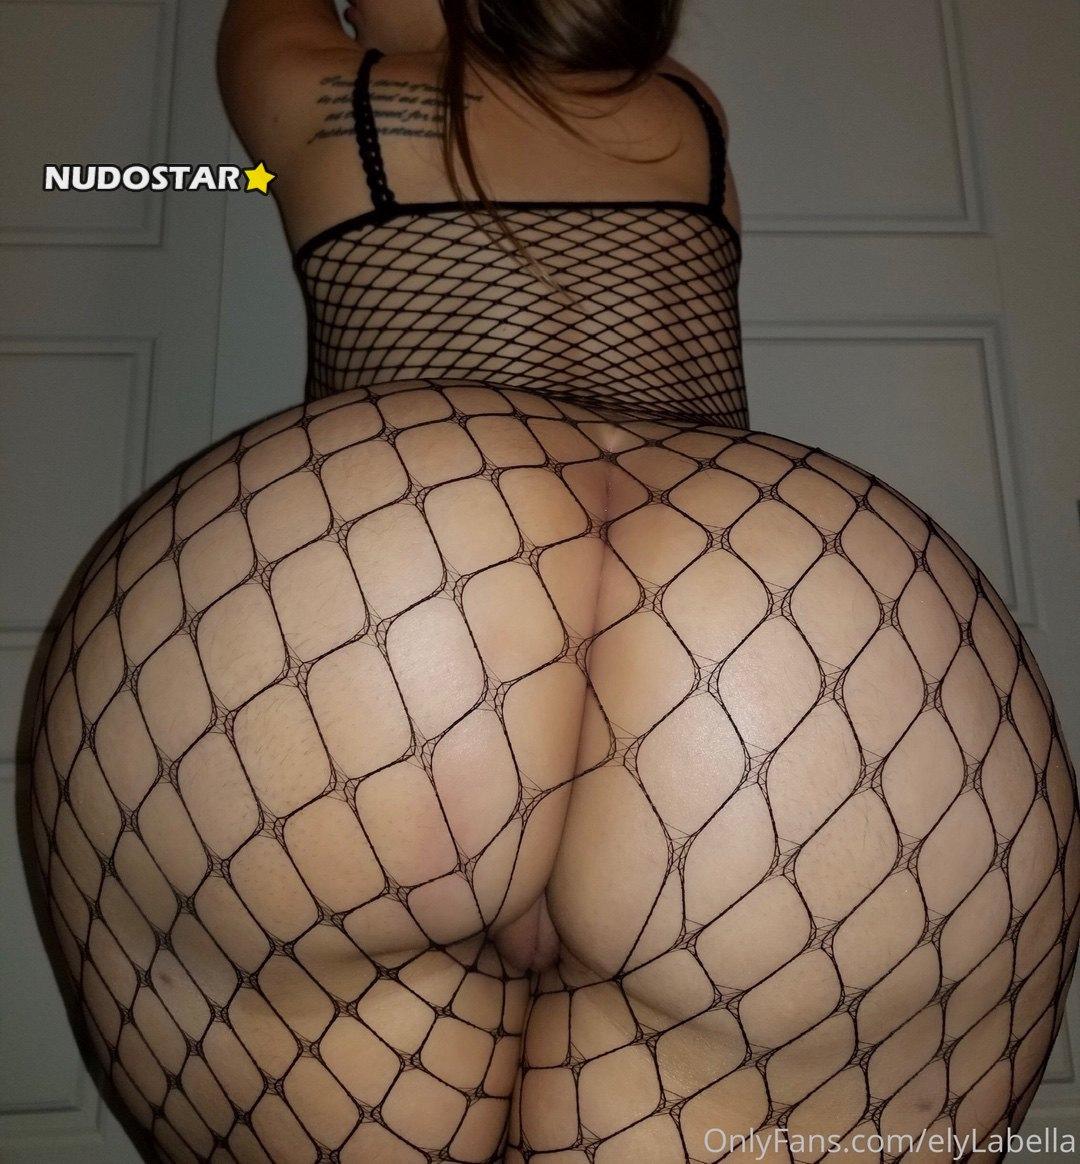 Elylabella Onlyfans Nudes Leaks 0020